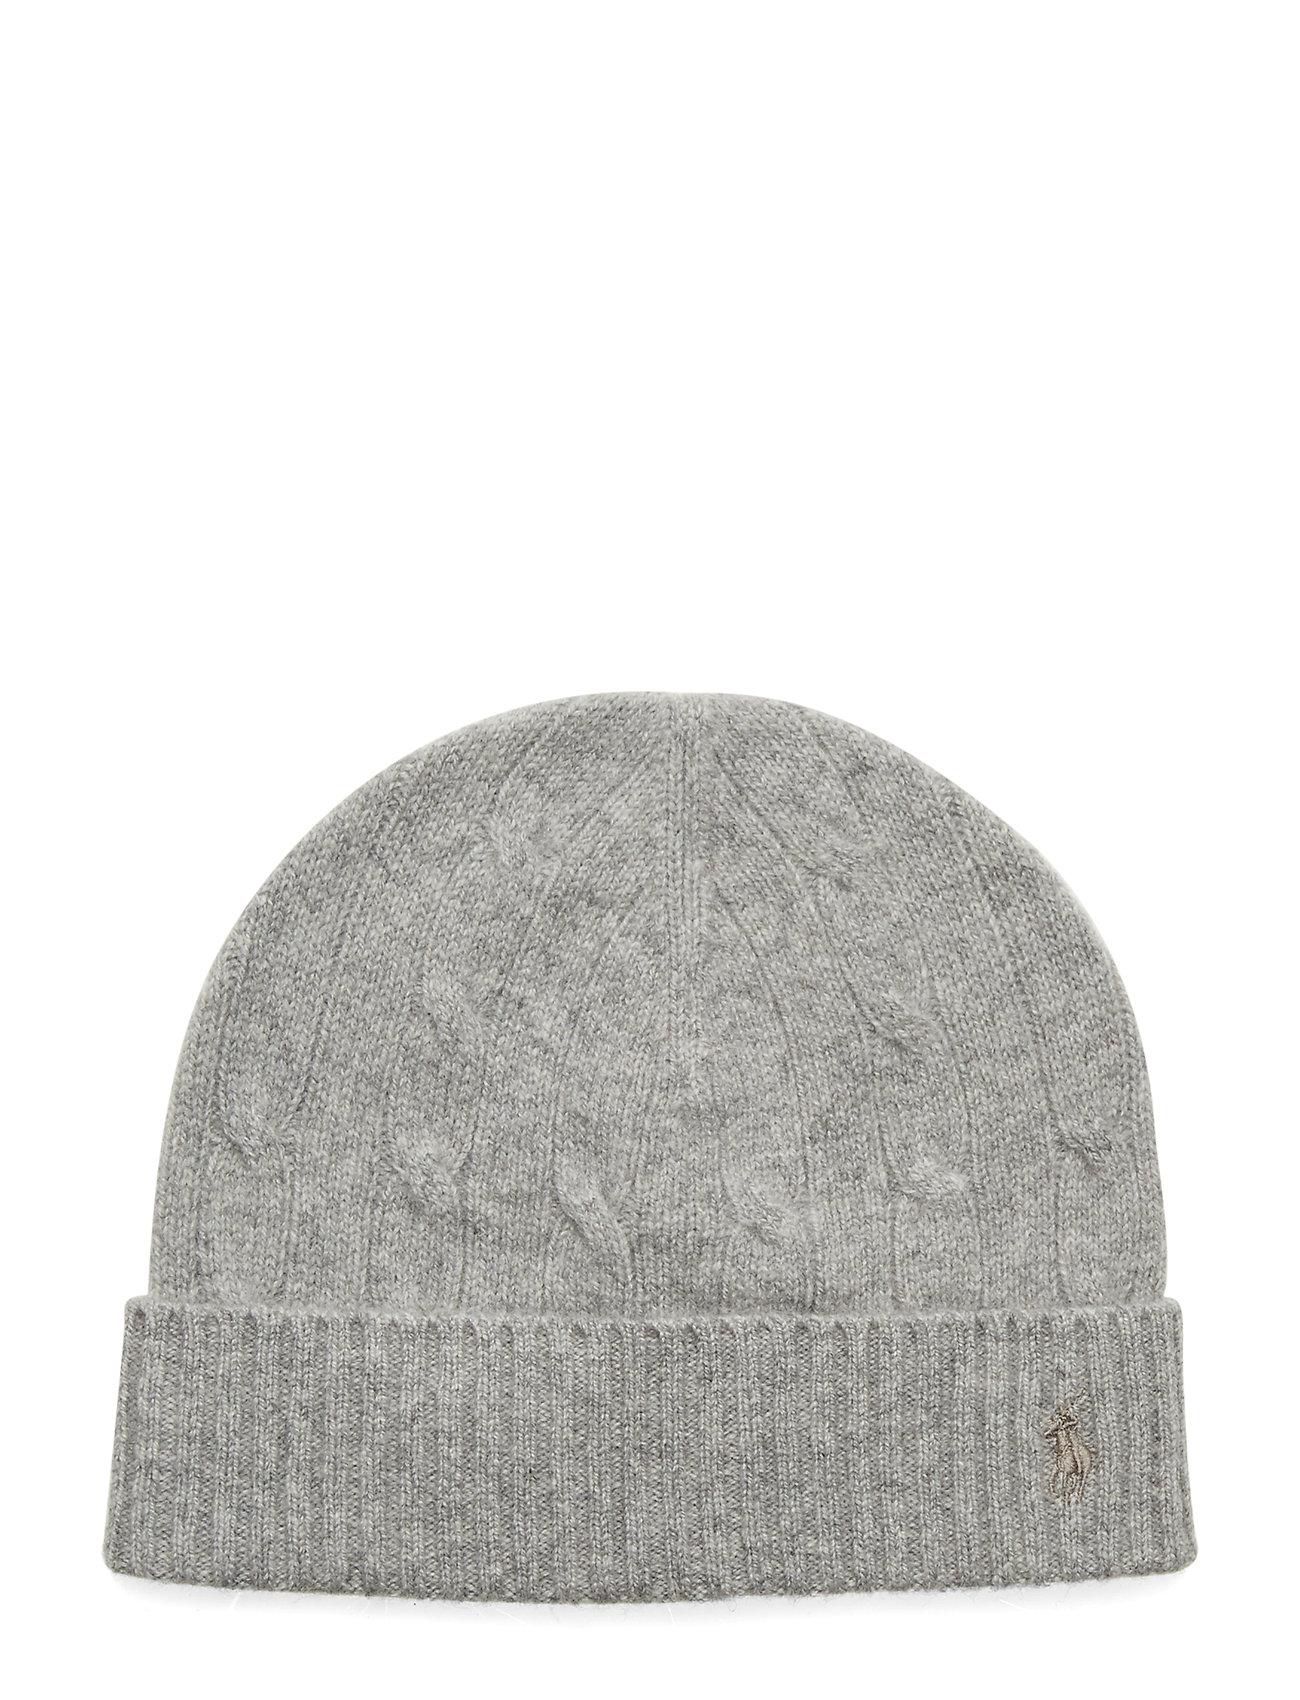 Ralph Lauren Kids Cable-Knit Wool-Cashmere Hat - DARK SPORT HEATHE